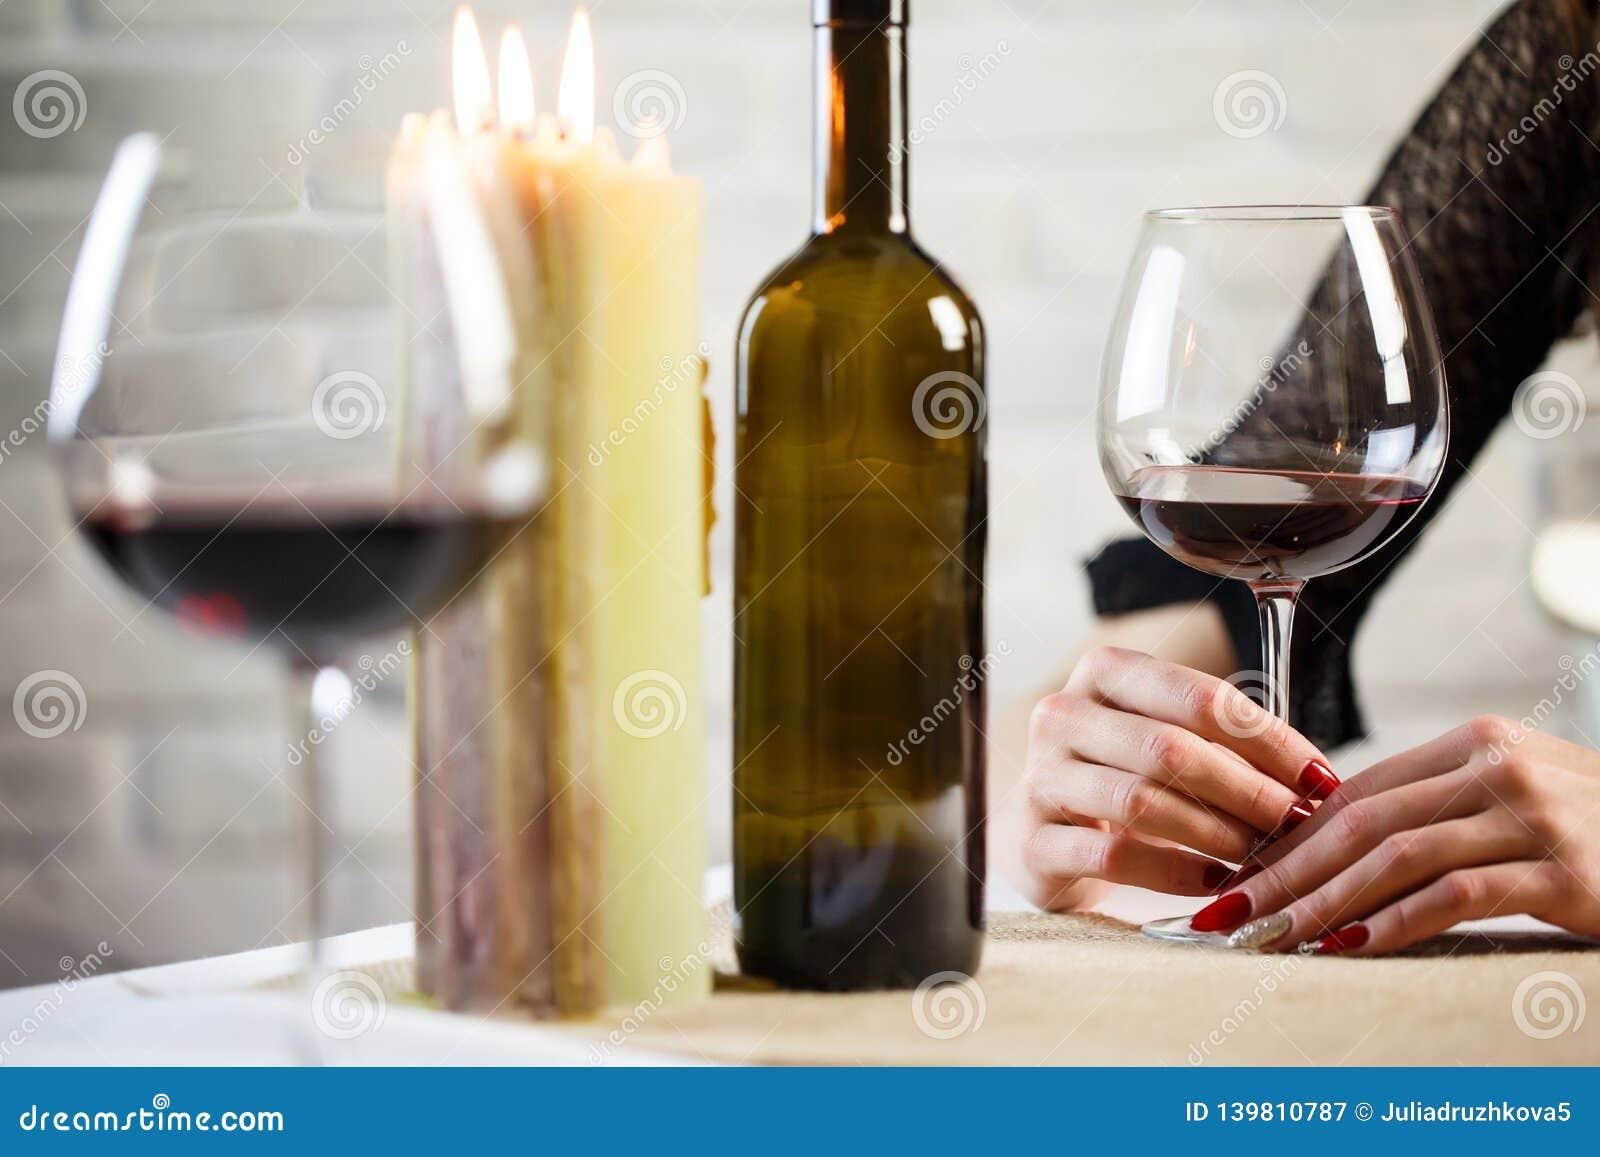 Een jonge vrouw houdt in haar hand een glas wijn op een afspraak tussen onbekende man en vrouw Wijnglas twee op de lijst Sluit om